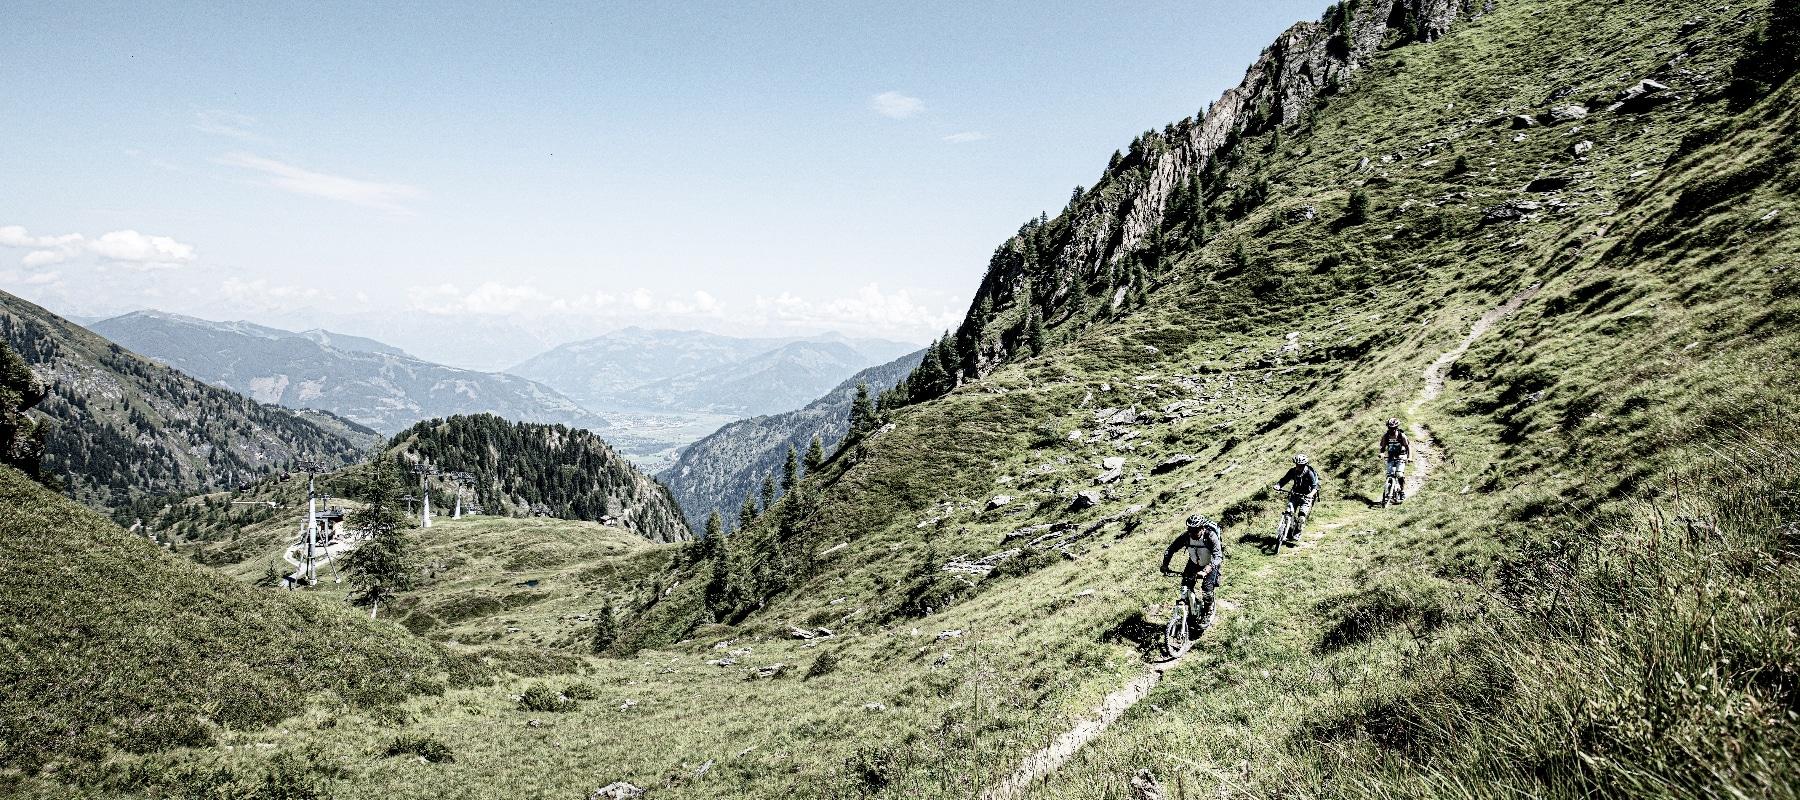 Alpenhaus Kaprun - Radfahren - Bike in Österreich